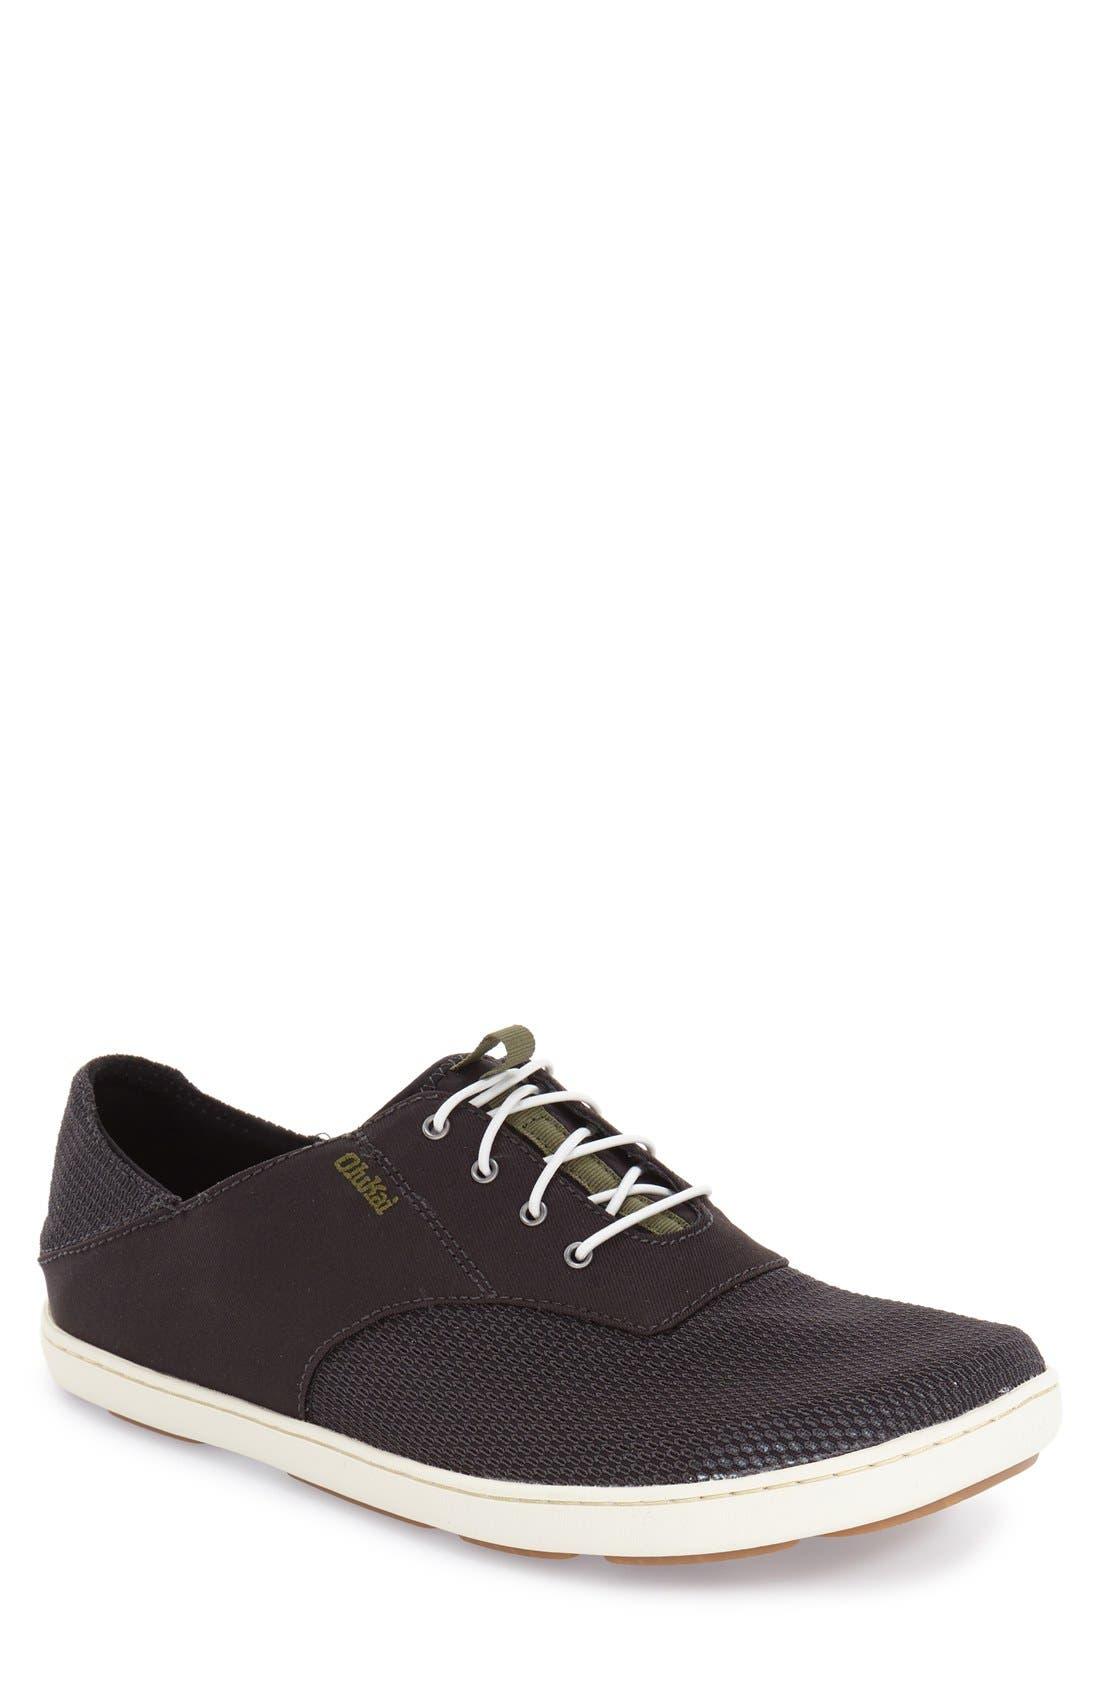 'Nohea Moku' Sneaker,                             Main thumbnail 1, color,                             Black/ Black